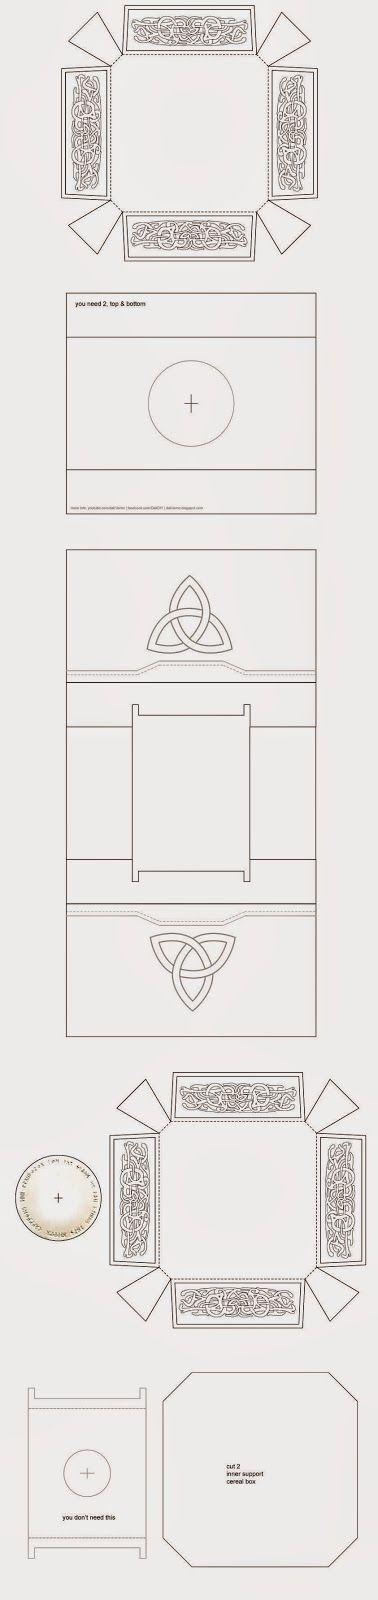 Thor Hammer - Mjölnir Cardboard DIY (free template) | Pinterest ...